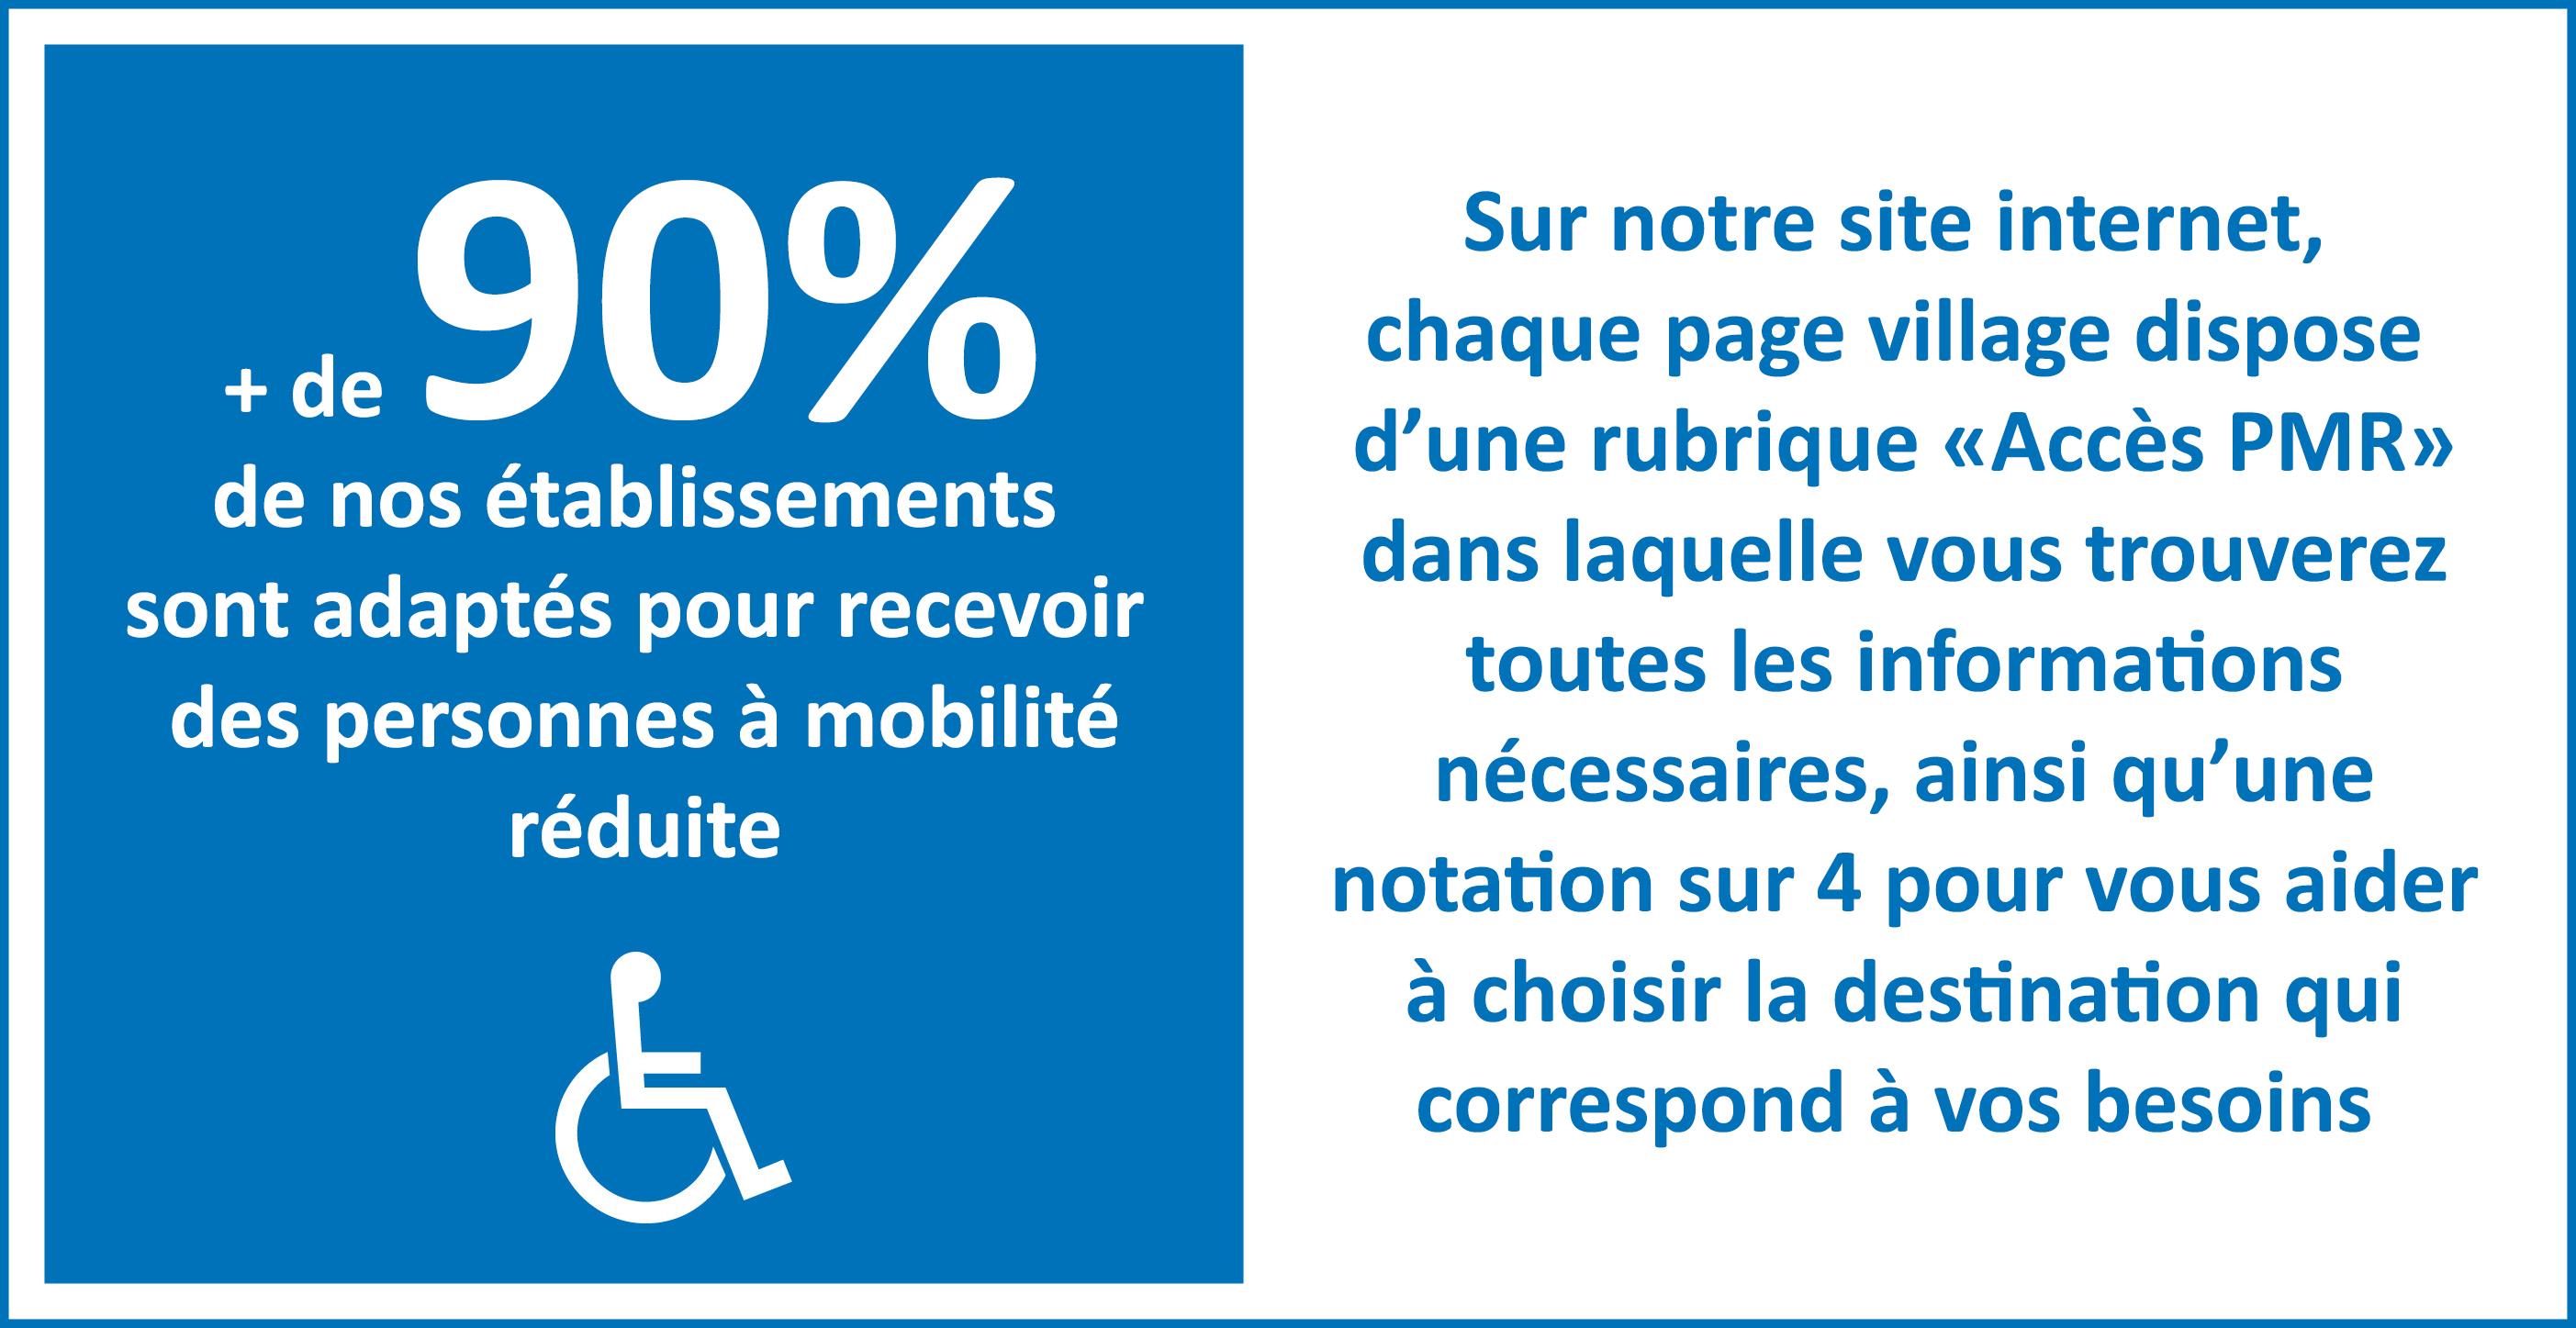 """Plus de 90% de nos établissements sont adaptés pour recevoir des personnes à mobilité réduite. Sur notre site internet, chaque page dispose d'une rubrique """"accès PMR"""" dans laquelle vous trouverez toutes les informations nécessaires, ainsi q'une notation sur 4 pour vous aider à choisir la destination qui correspond à vos besoins."""